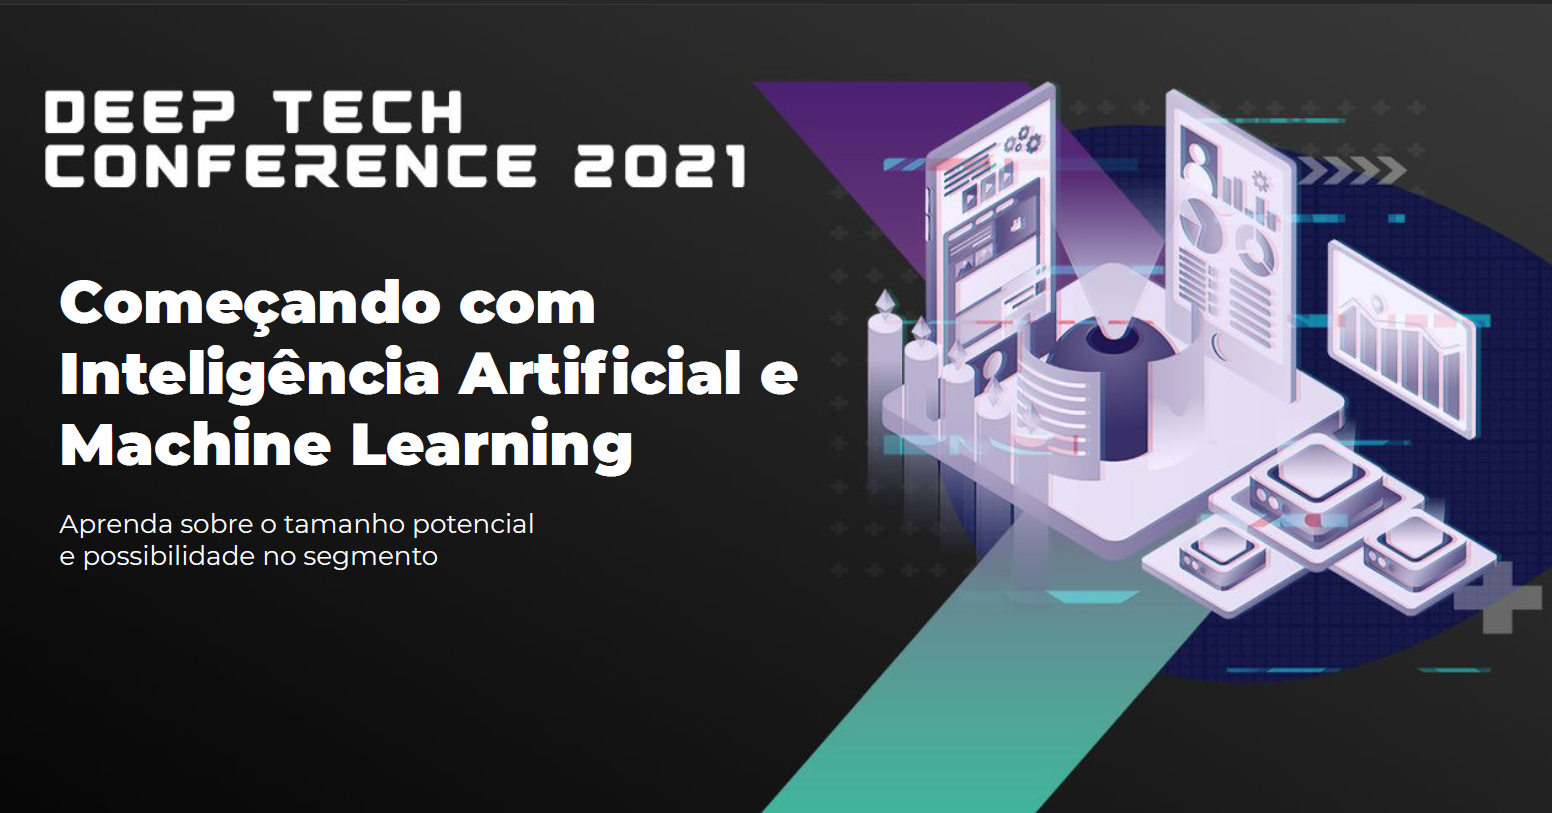 Começando com Inteligência Artificial e Machine Learning